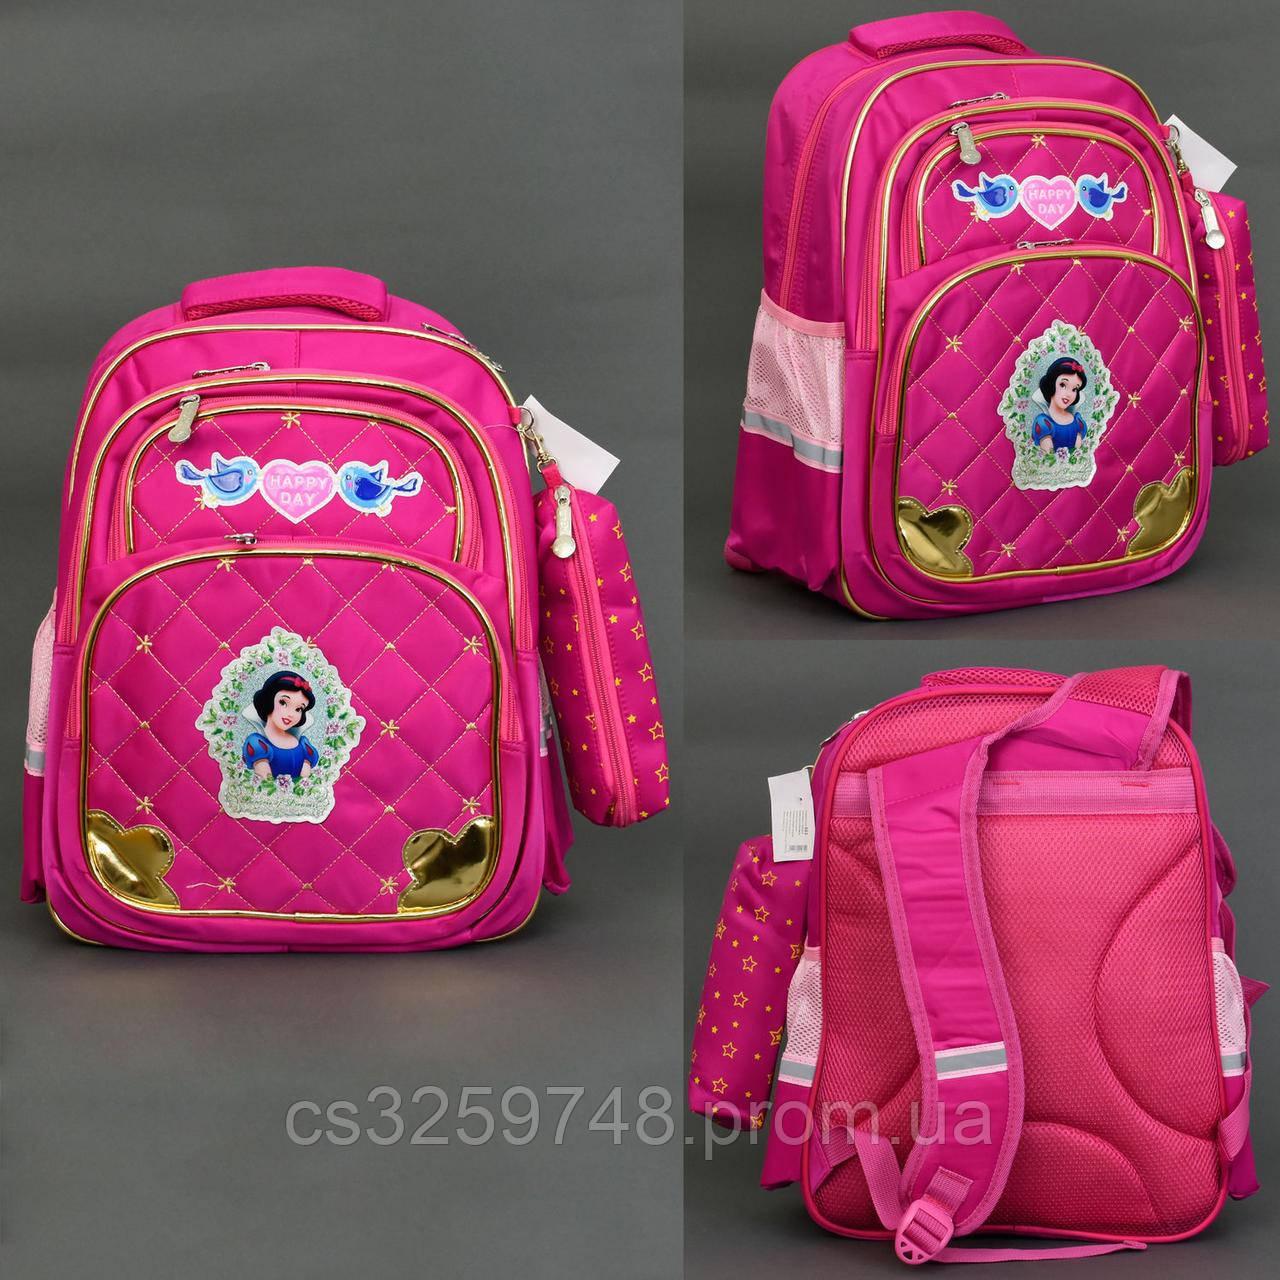 Рюкзак 663 / 555-471, 3 отделения, 3 кармана, пенал, ортопедическая спинка, розовый